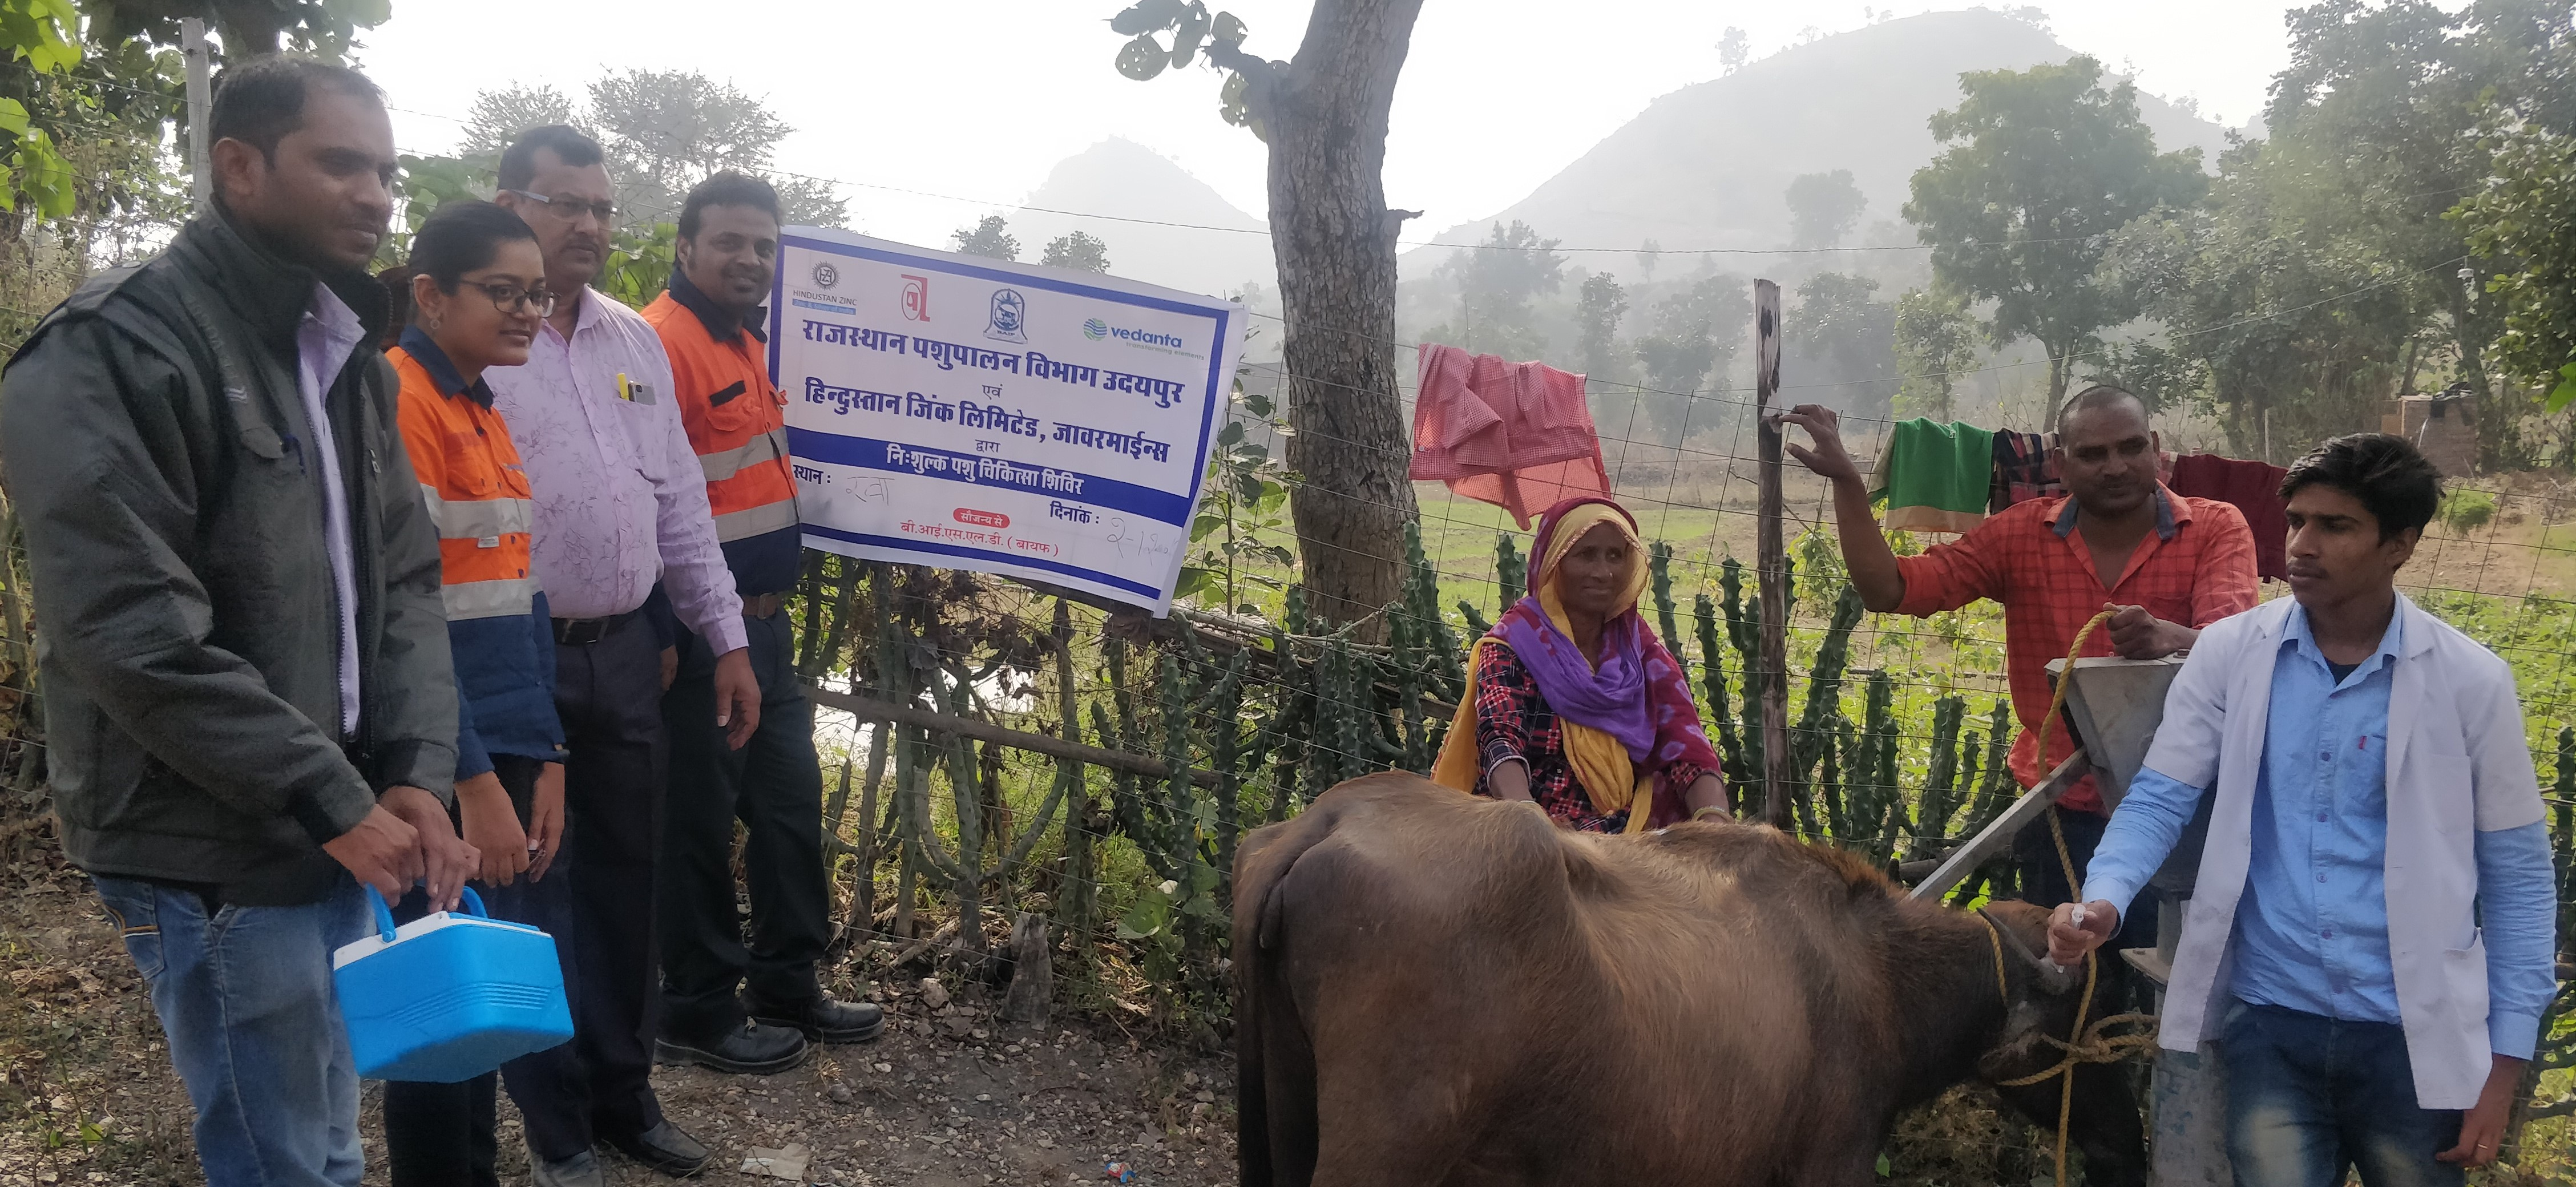 जिंक द्वारा ४ से १४ दिसंबर तक पशु स्वास्थ शिविरों का आयोजन